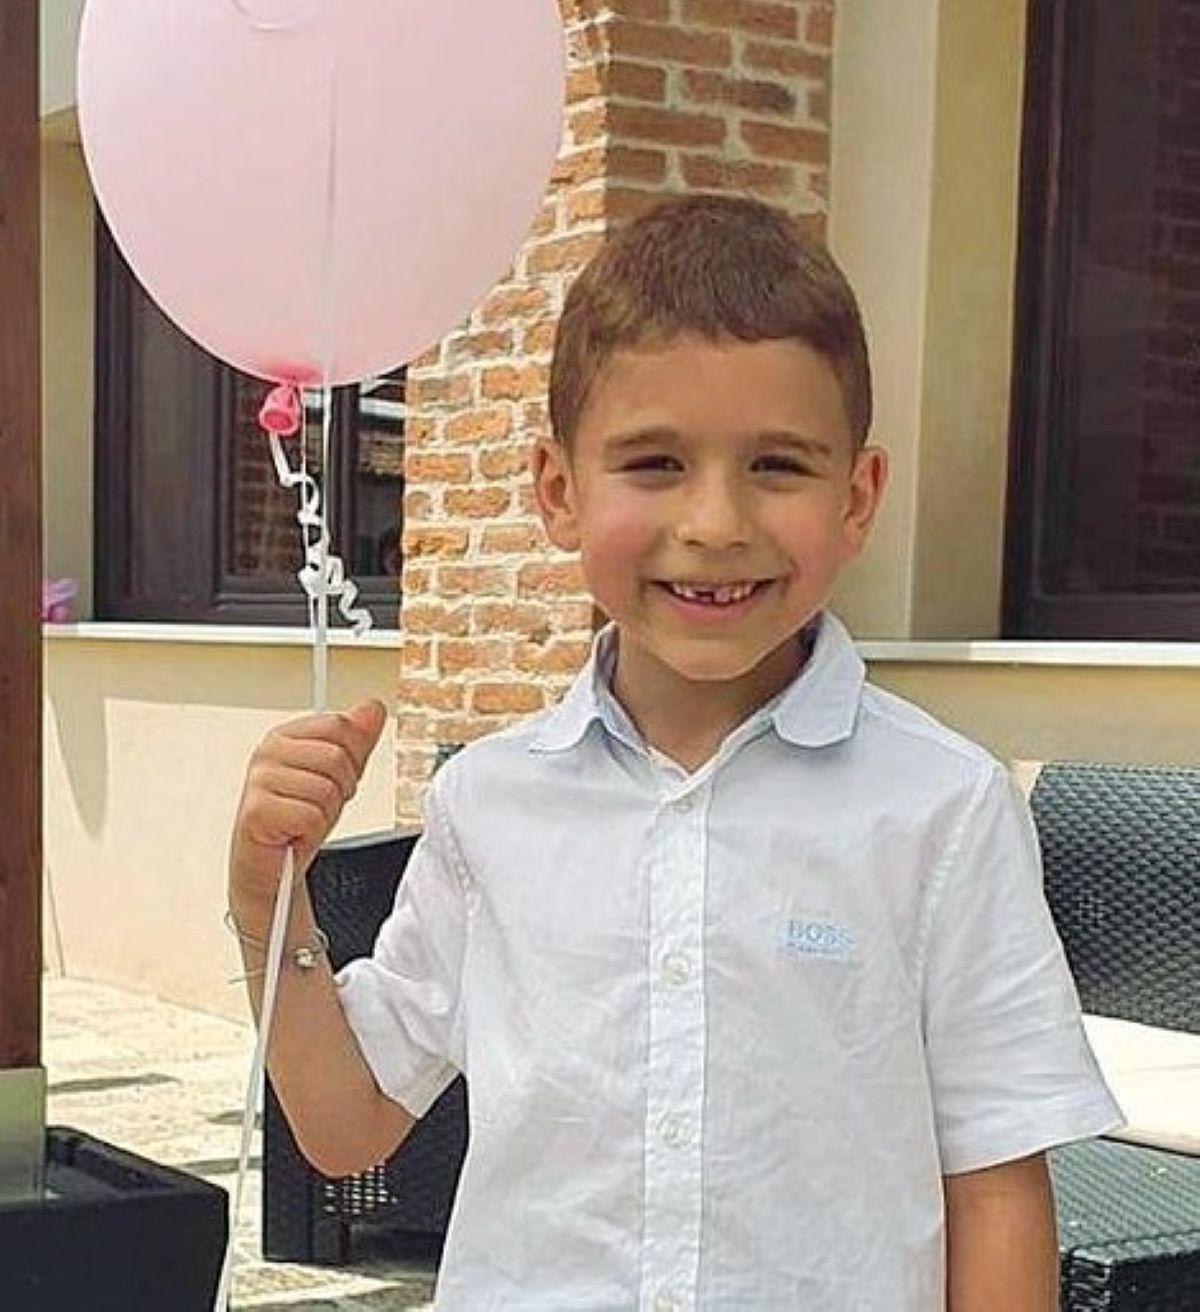 Christian Menin Morto Piscina 6 anni Annegamento San Pietro in Gu